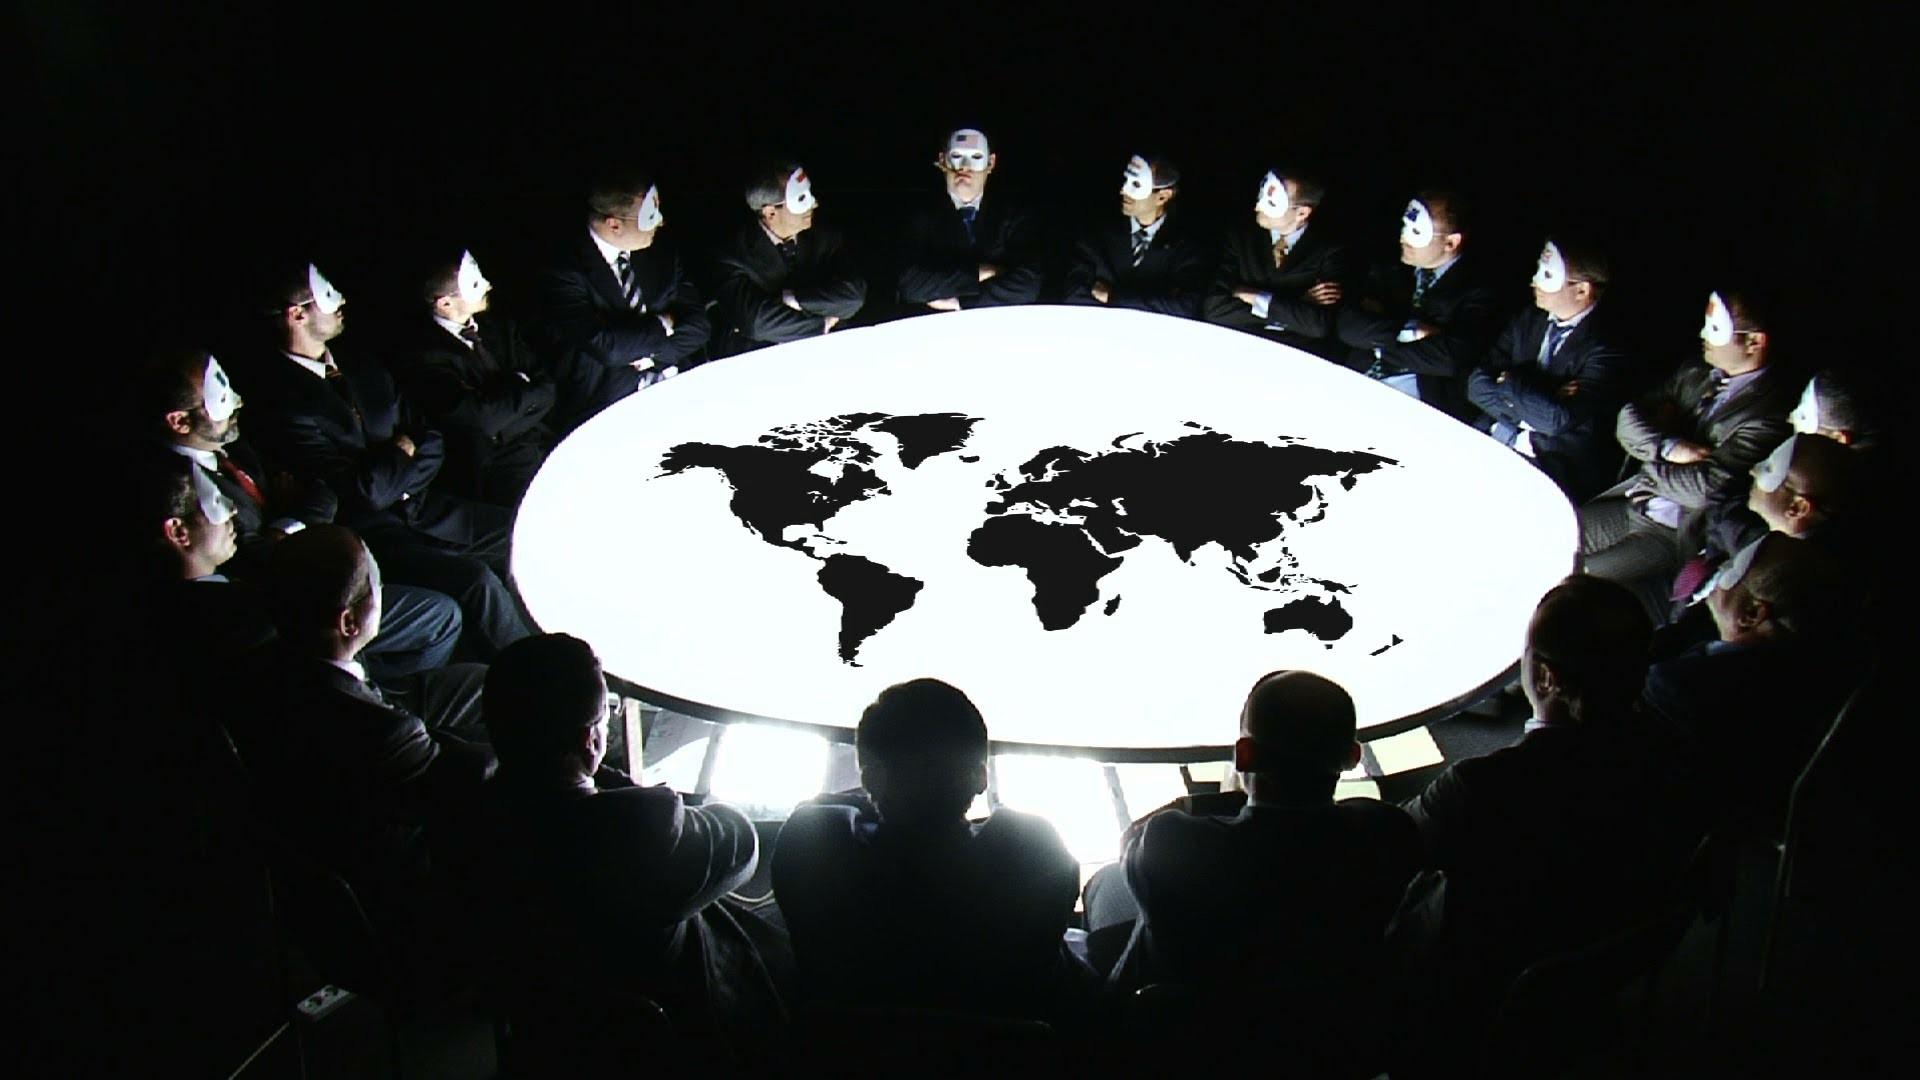 тайное мировое правительство